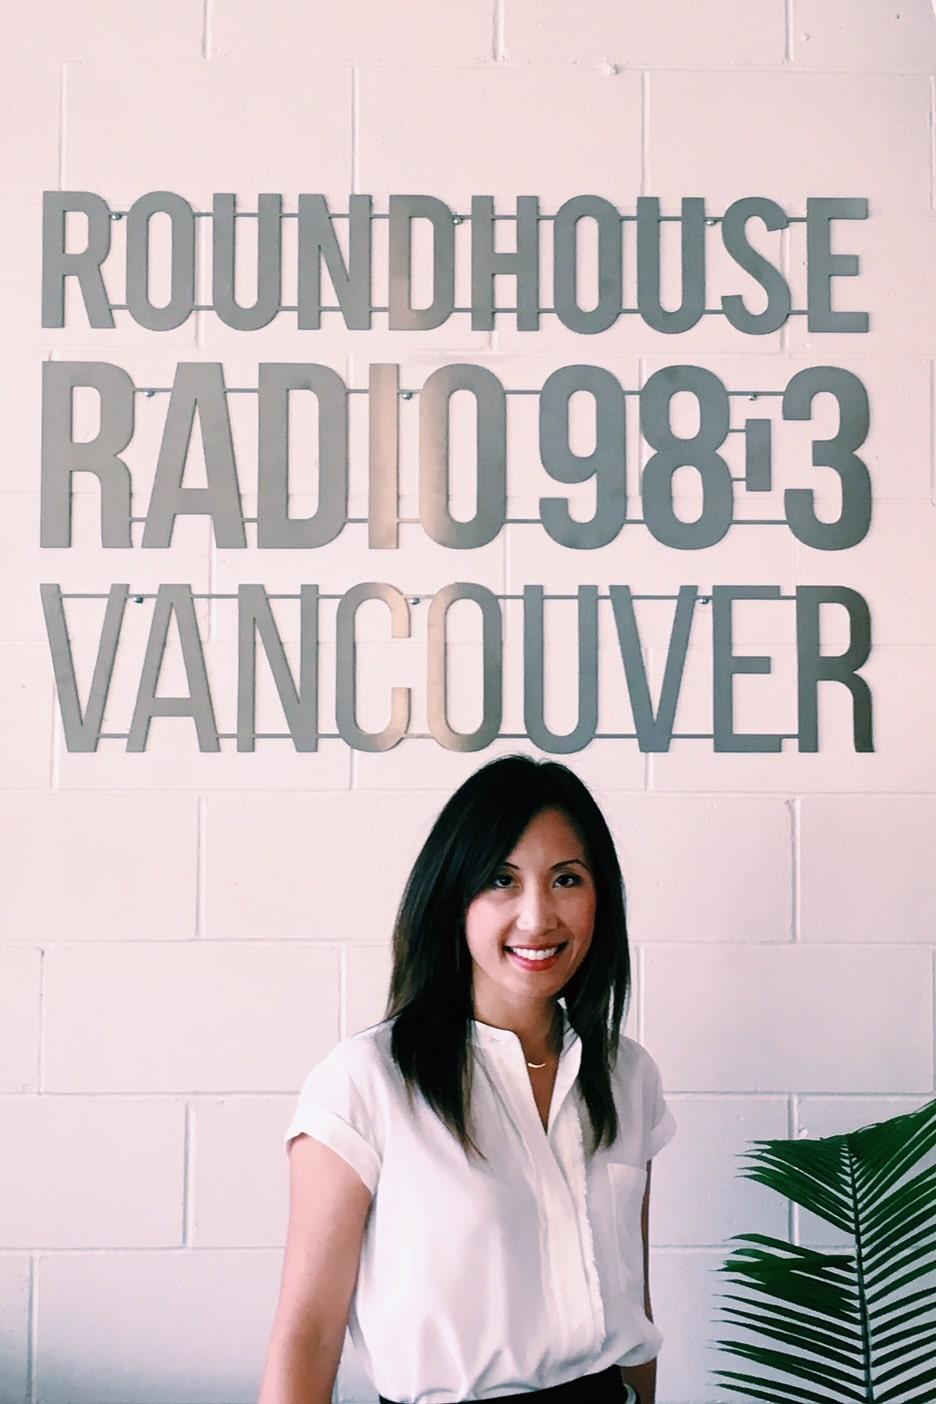 Maili Wong on BIV Roundhouse Radio 98.3FM with host Tyler Orton